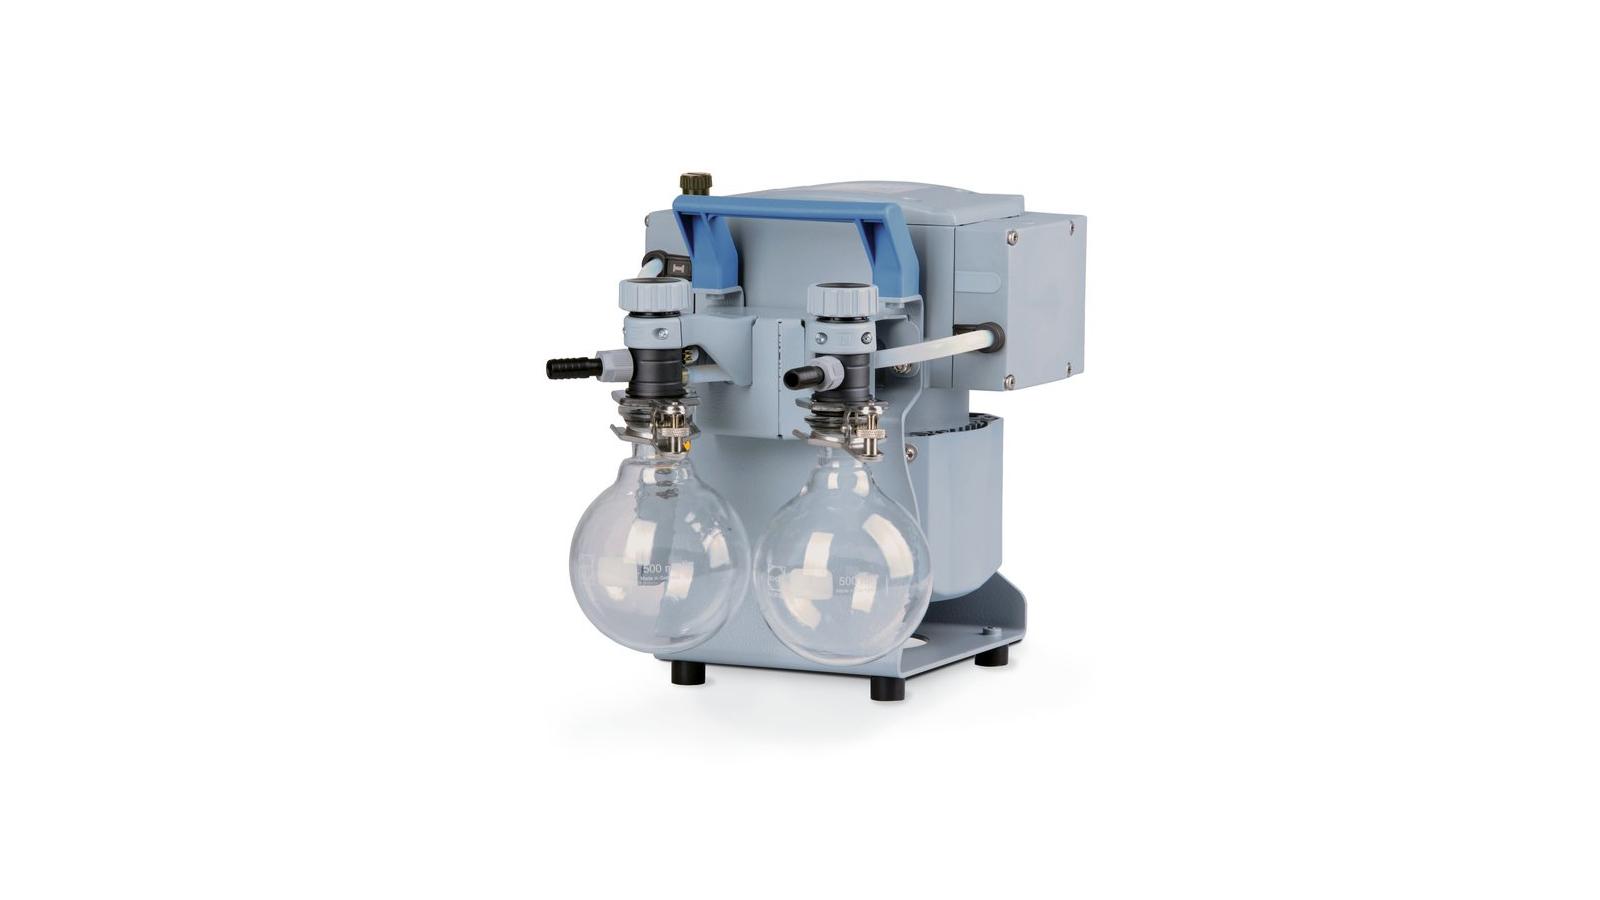 Vacuubrand Mz 2C NT + 2AK Vakum Pompası || Merlab Laboratuvar Ekipmanları